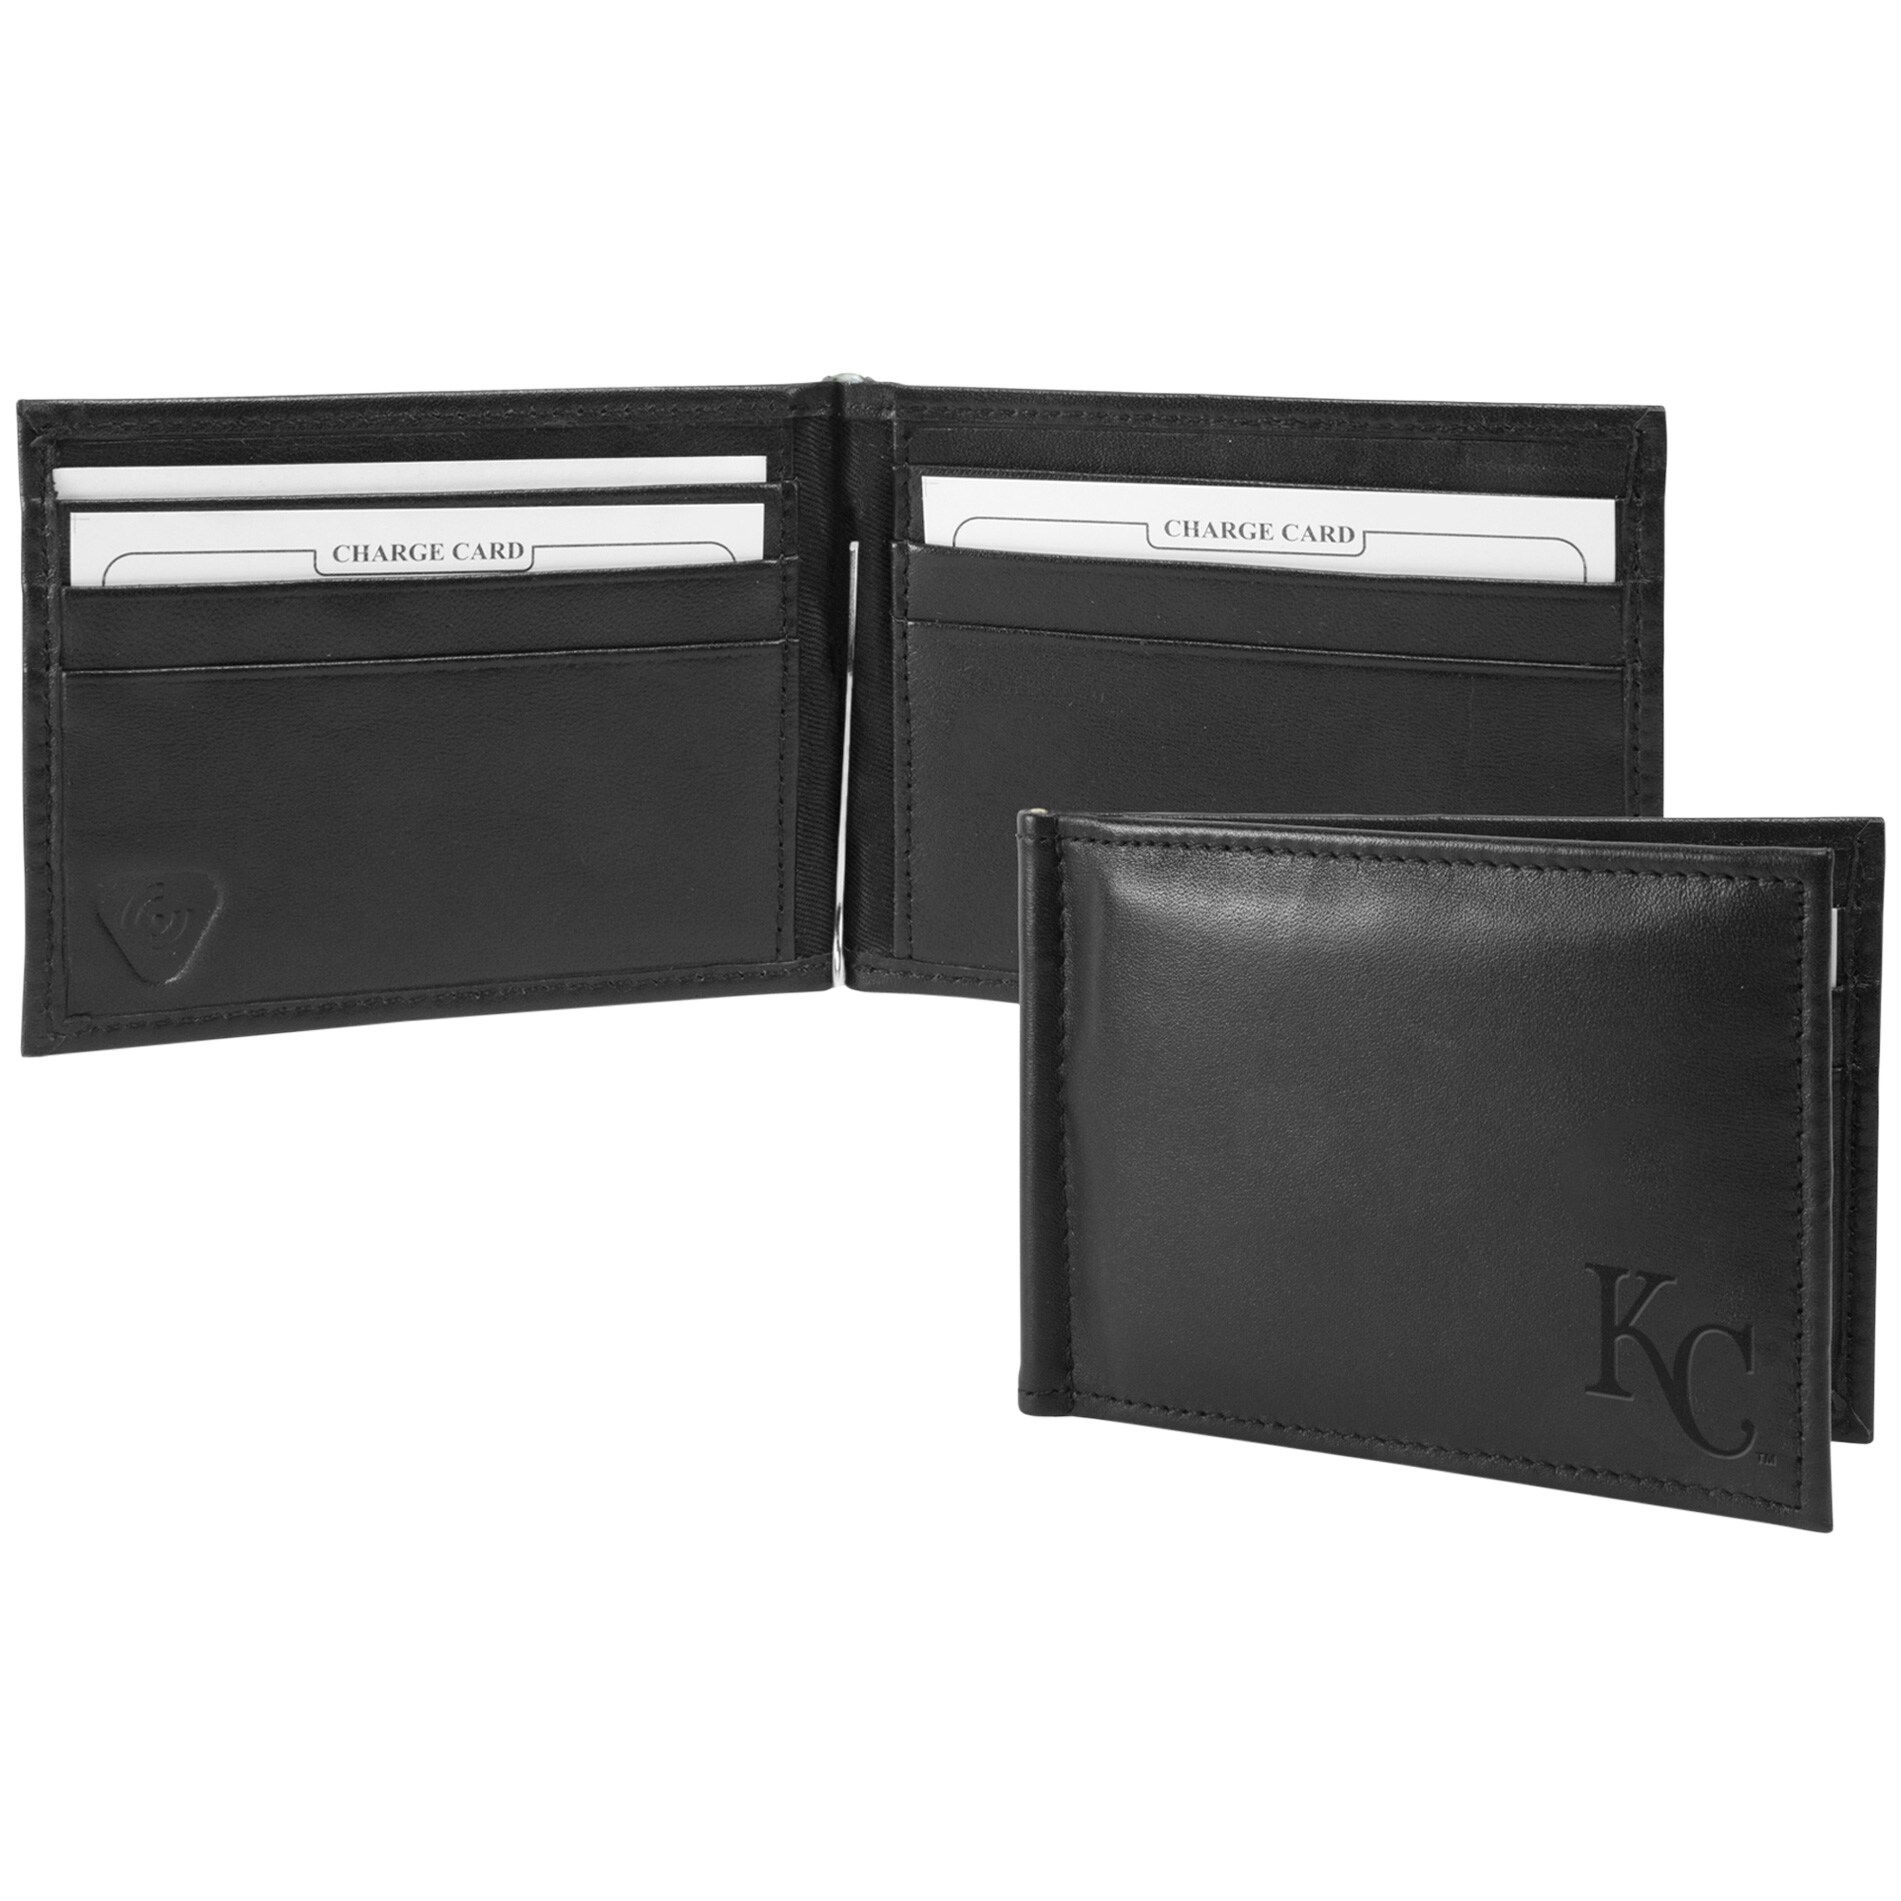 Kansas City Royals Shield Money Clip & Wallet - Black